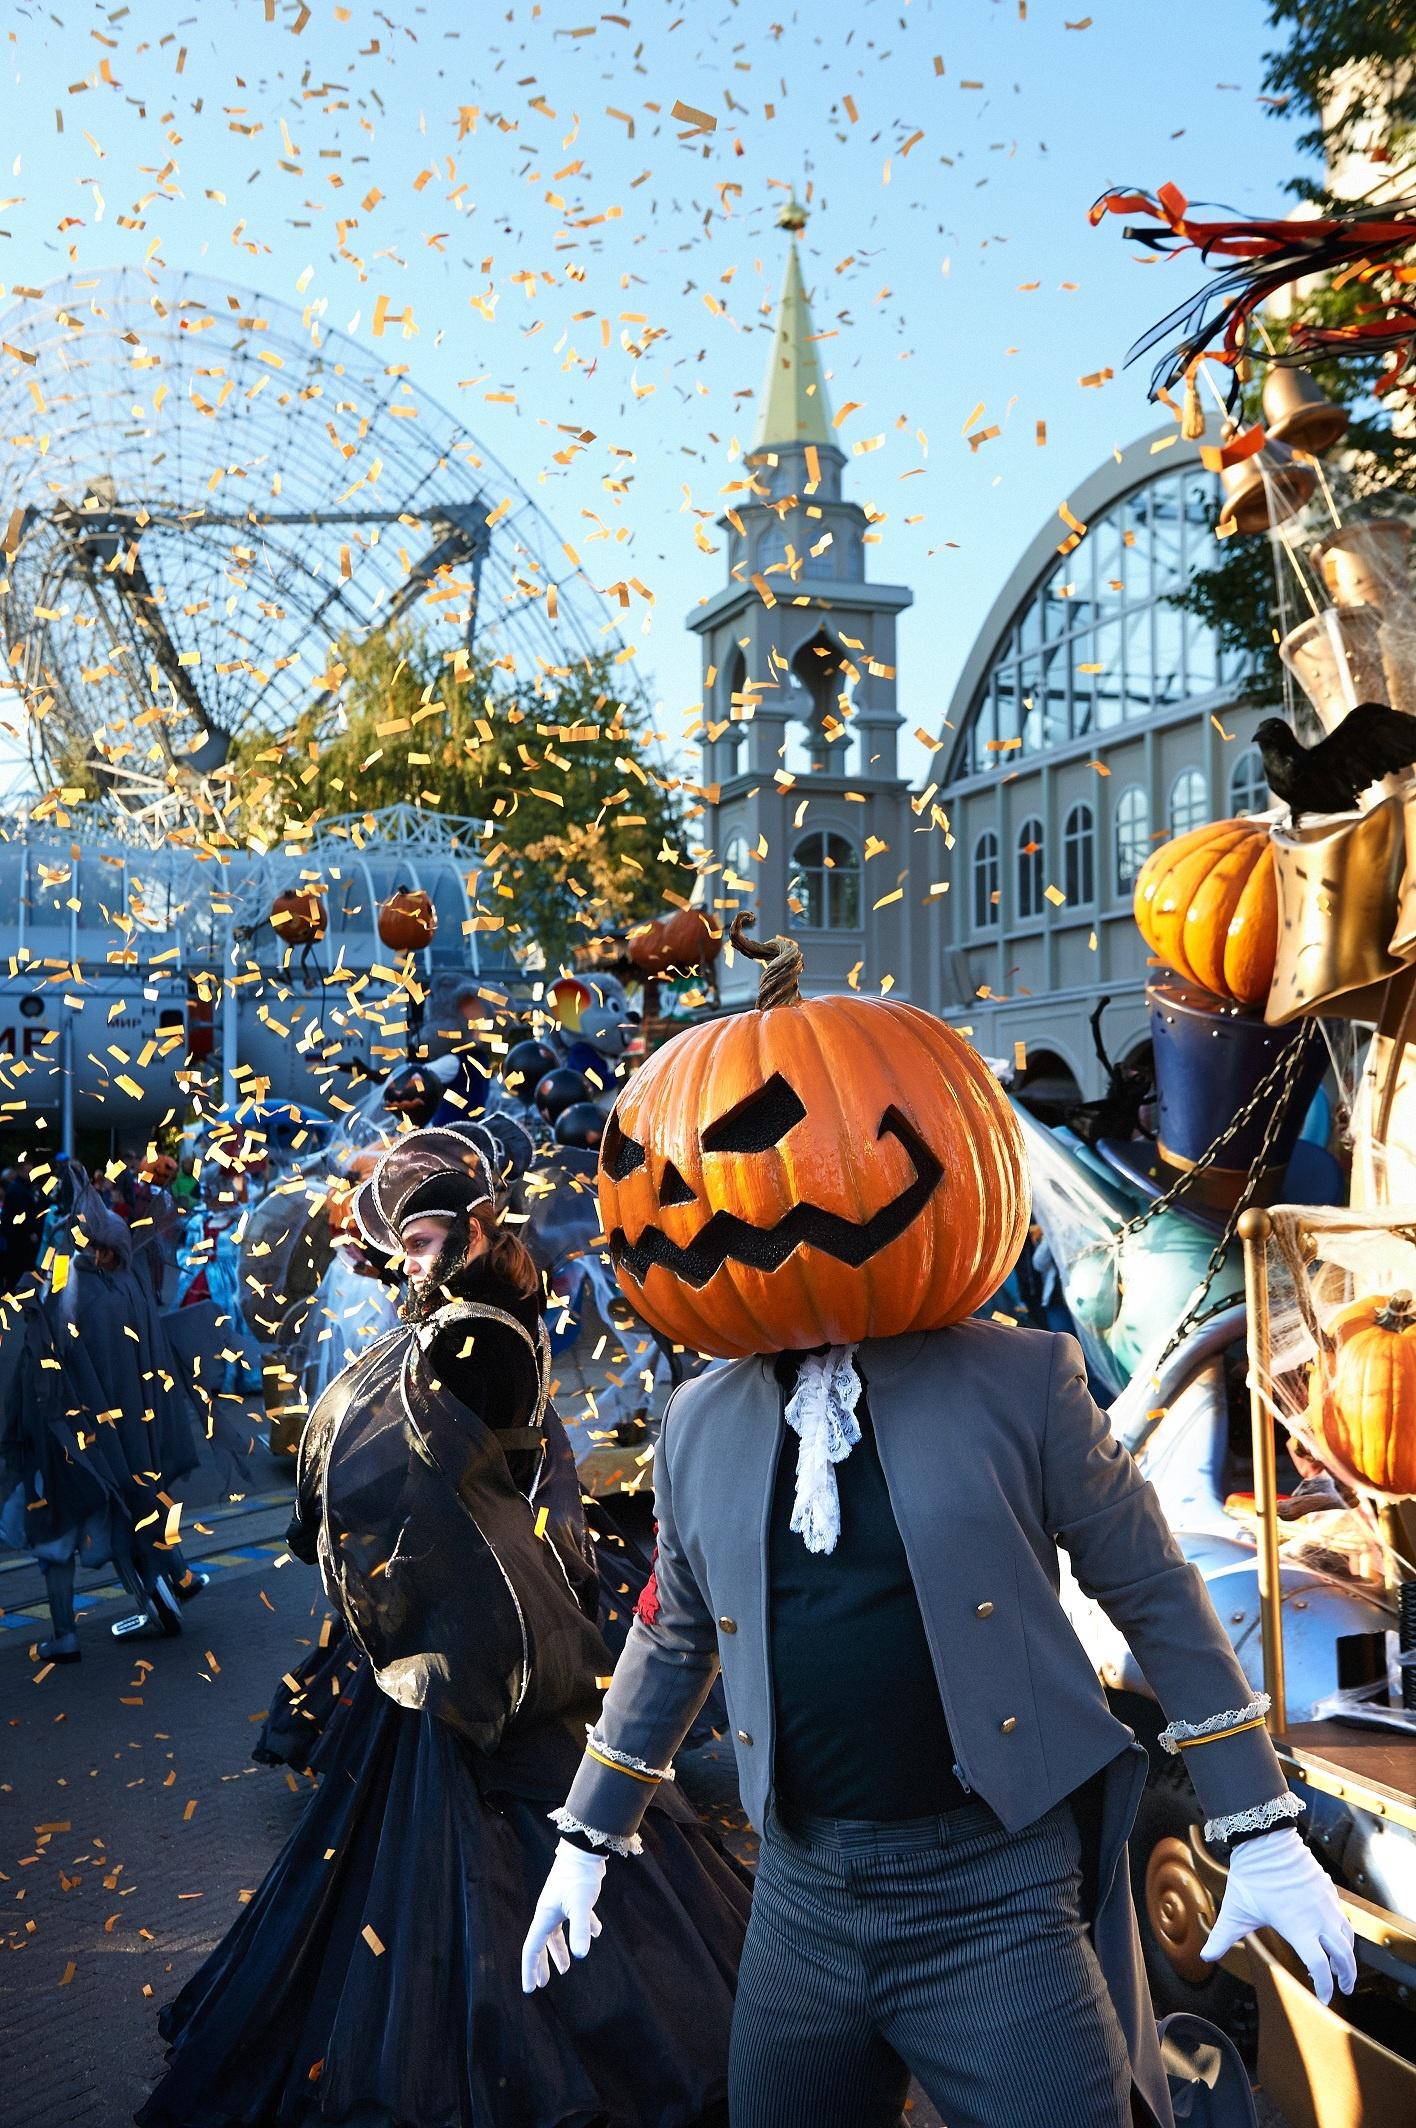 10 choses à ne pas manquer pendant la saison d'Halloween - Le blog officiel  d'Europa-Park